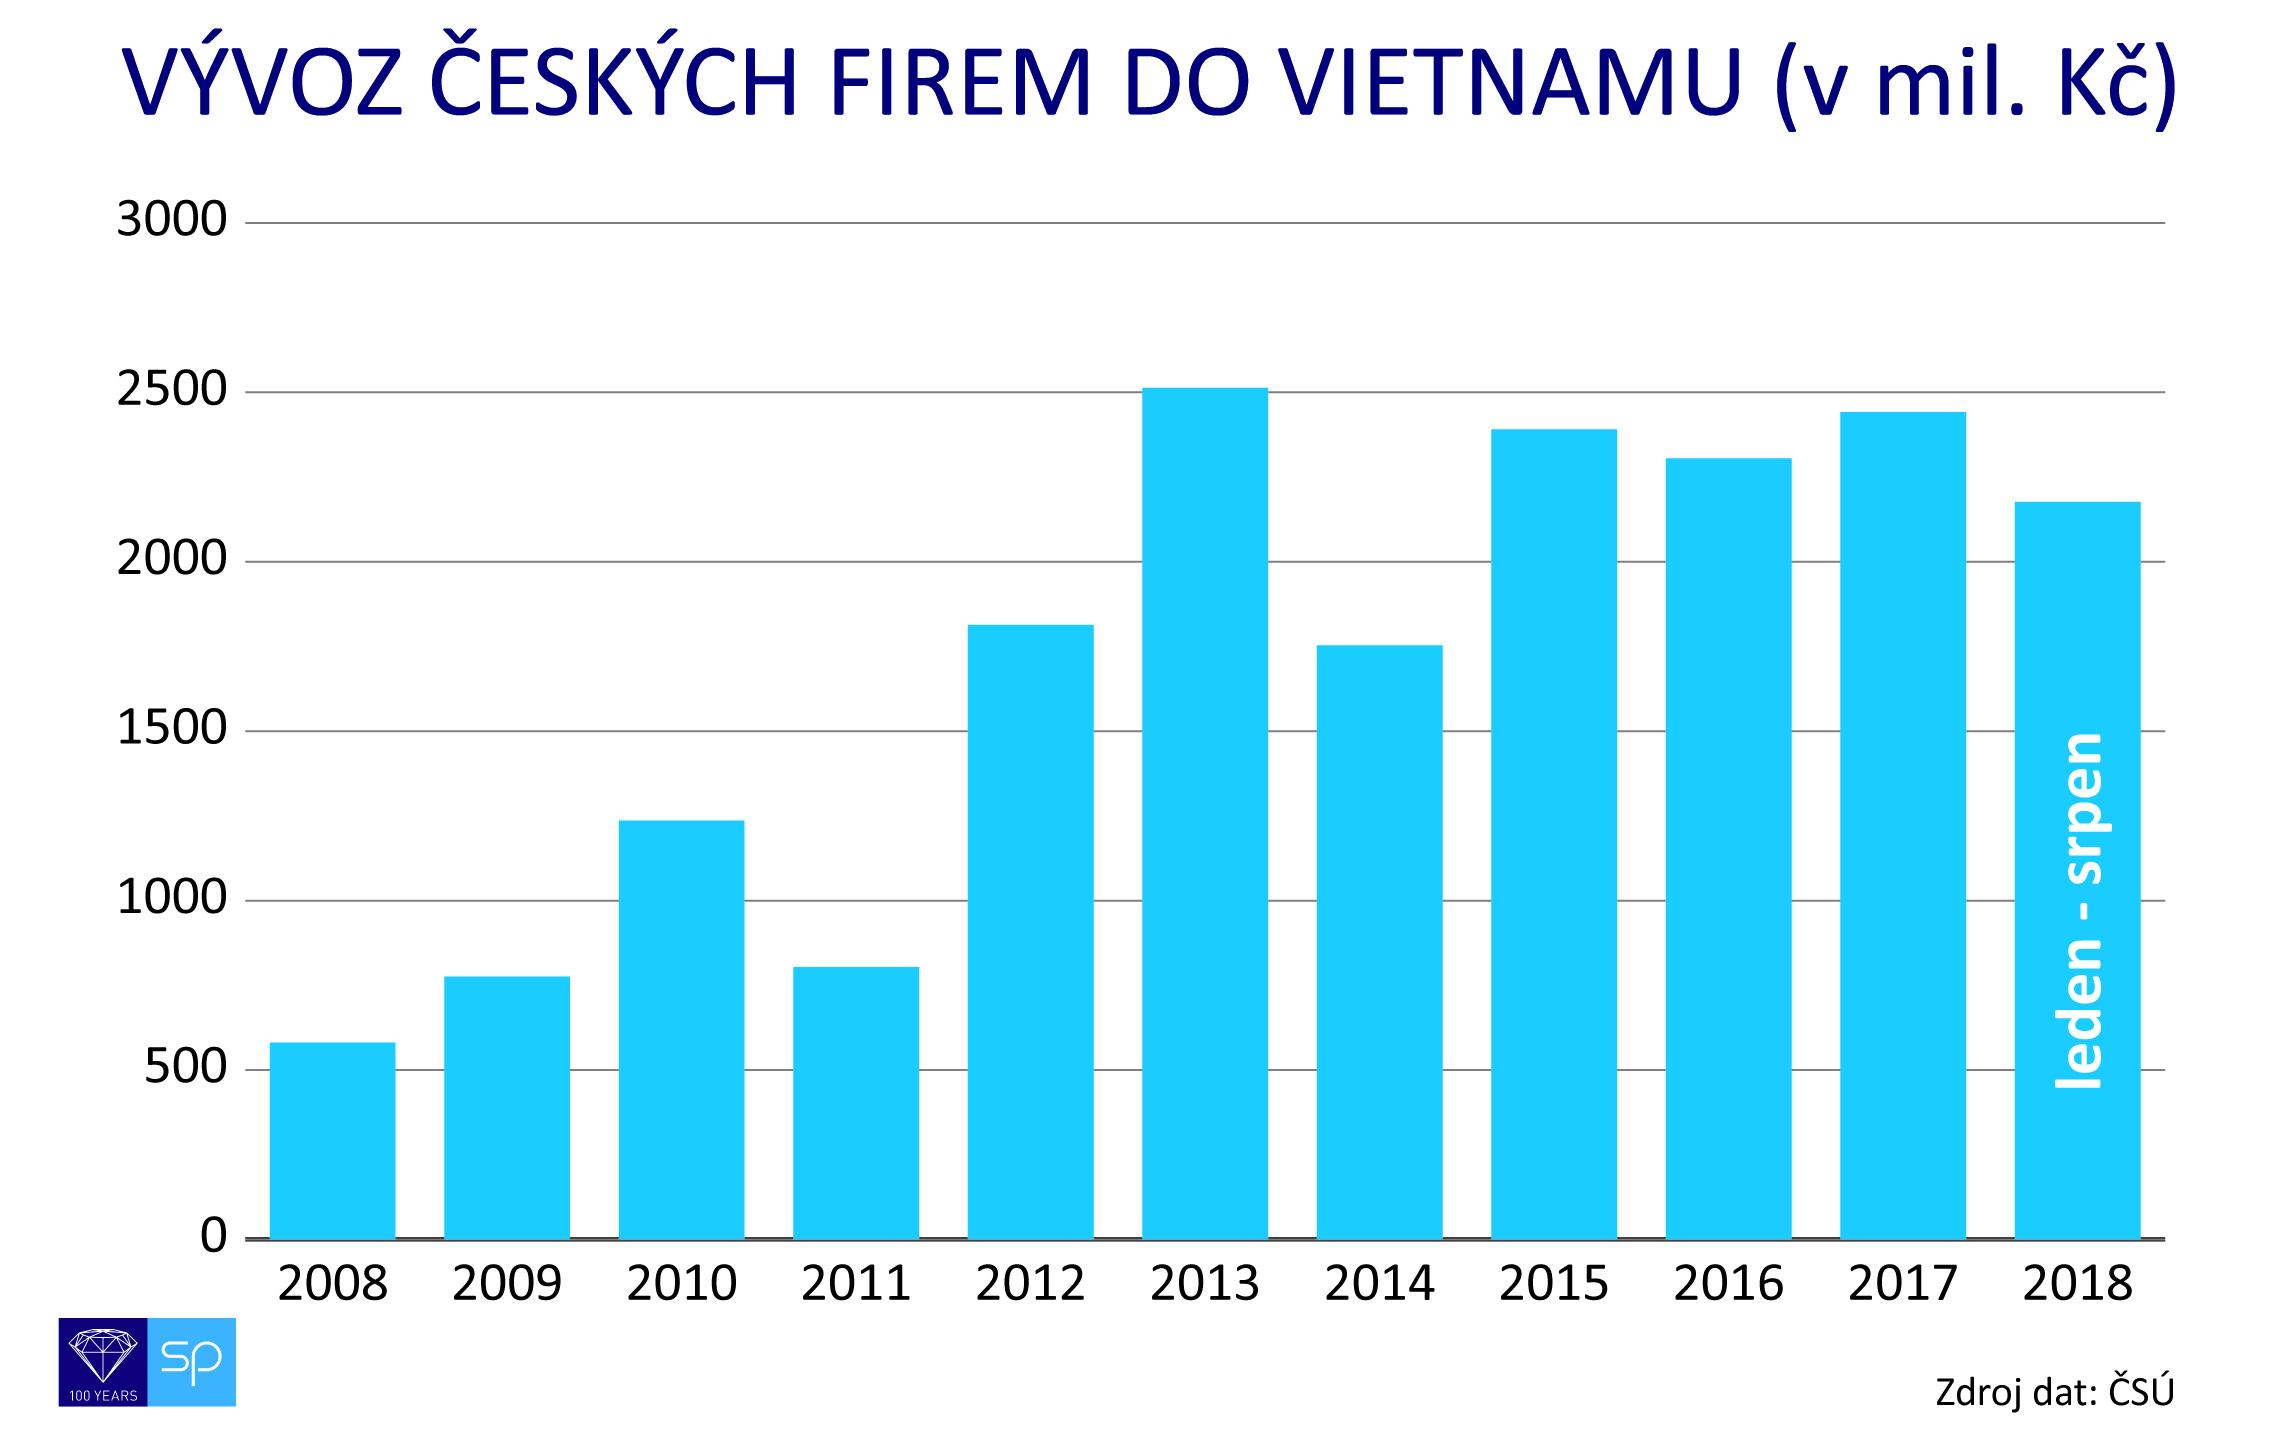 graf  vyvoz vietnam  2008 2018